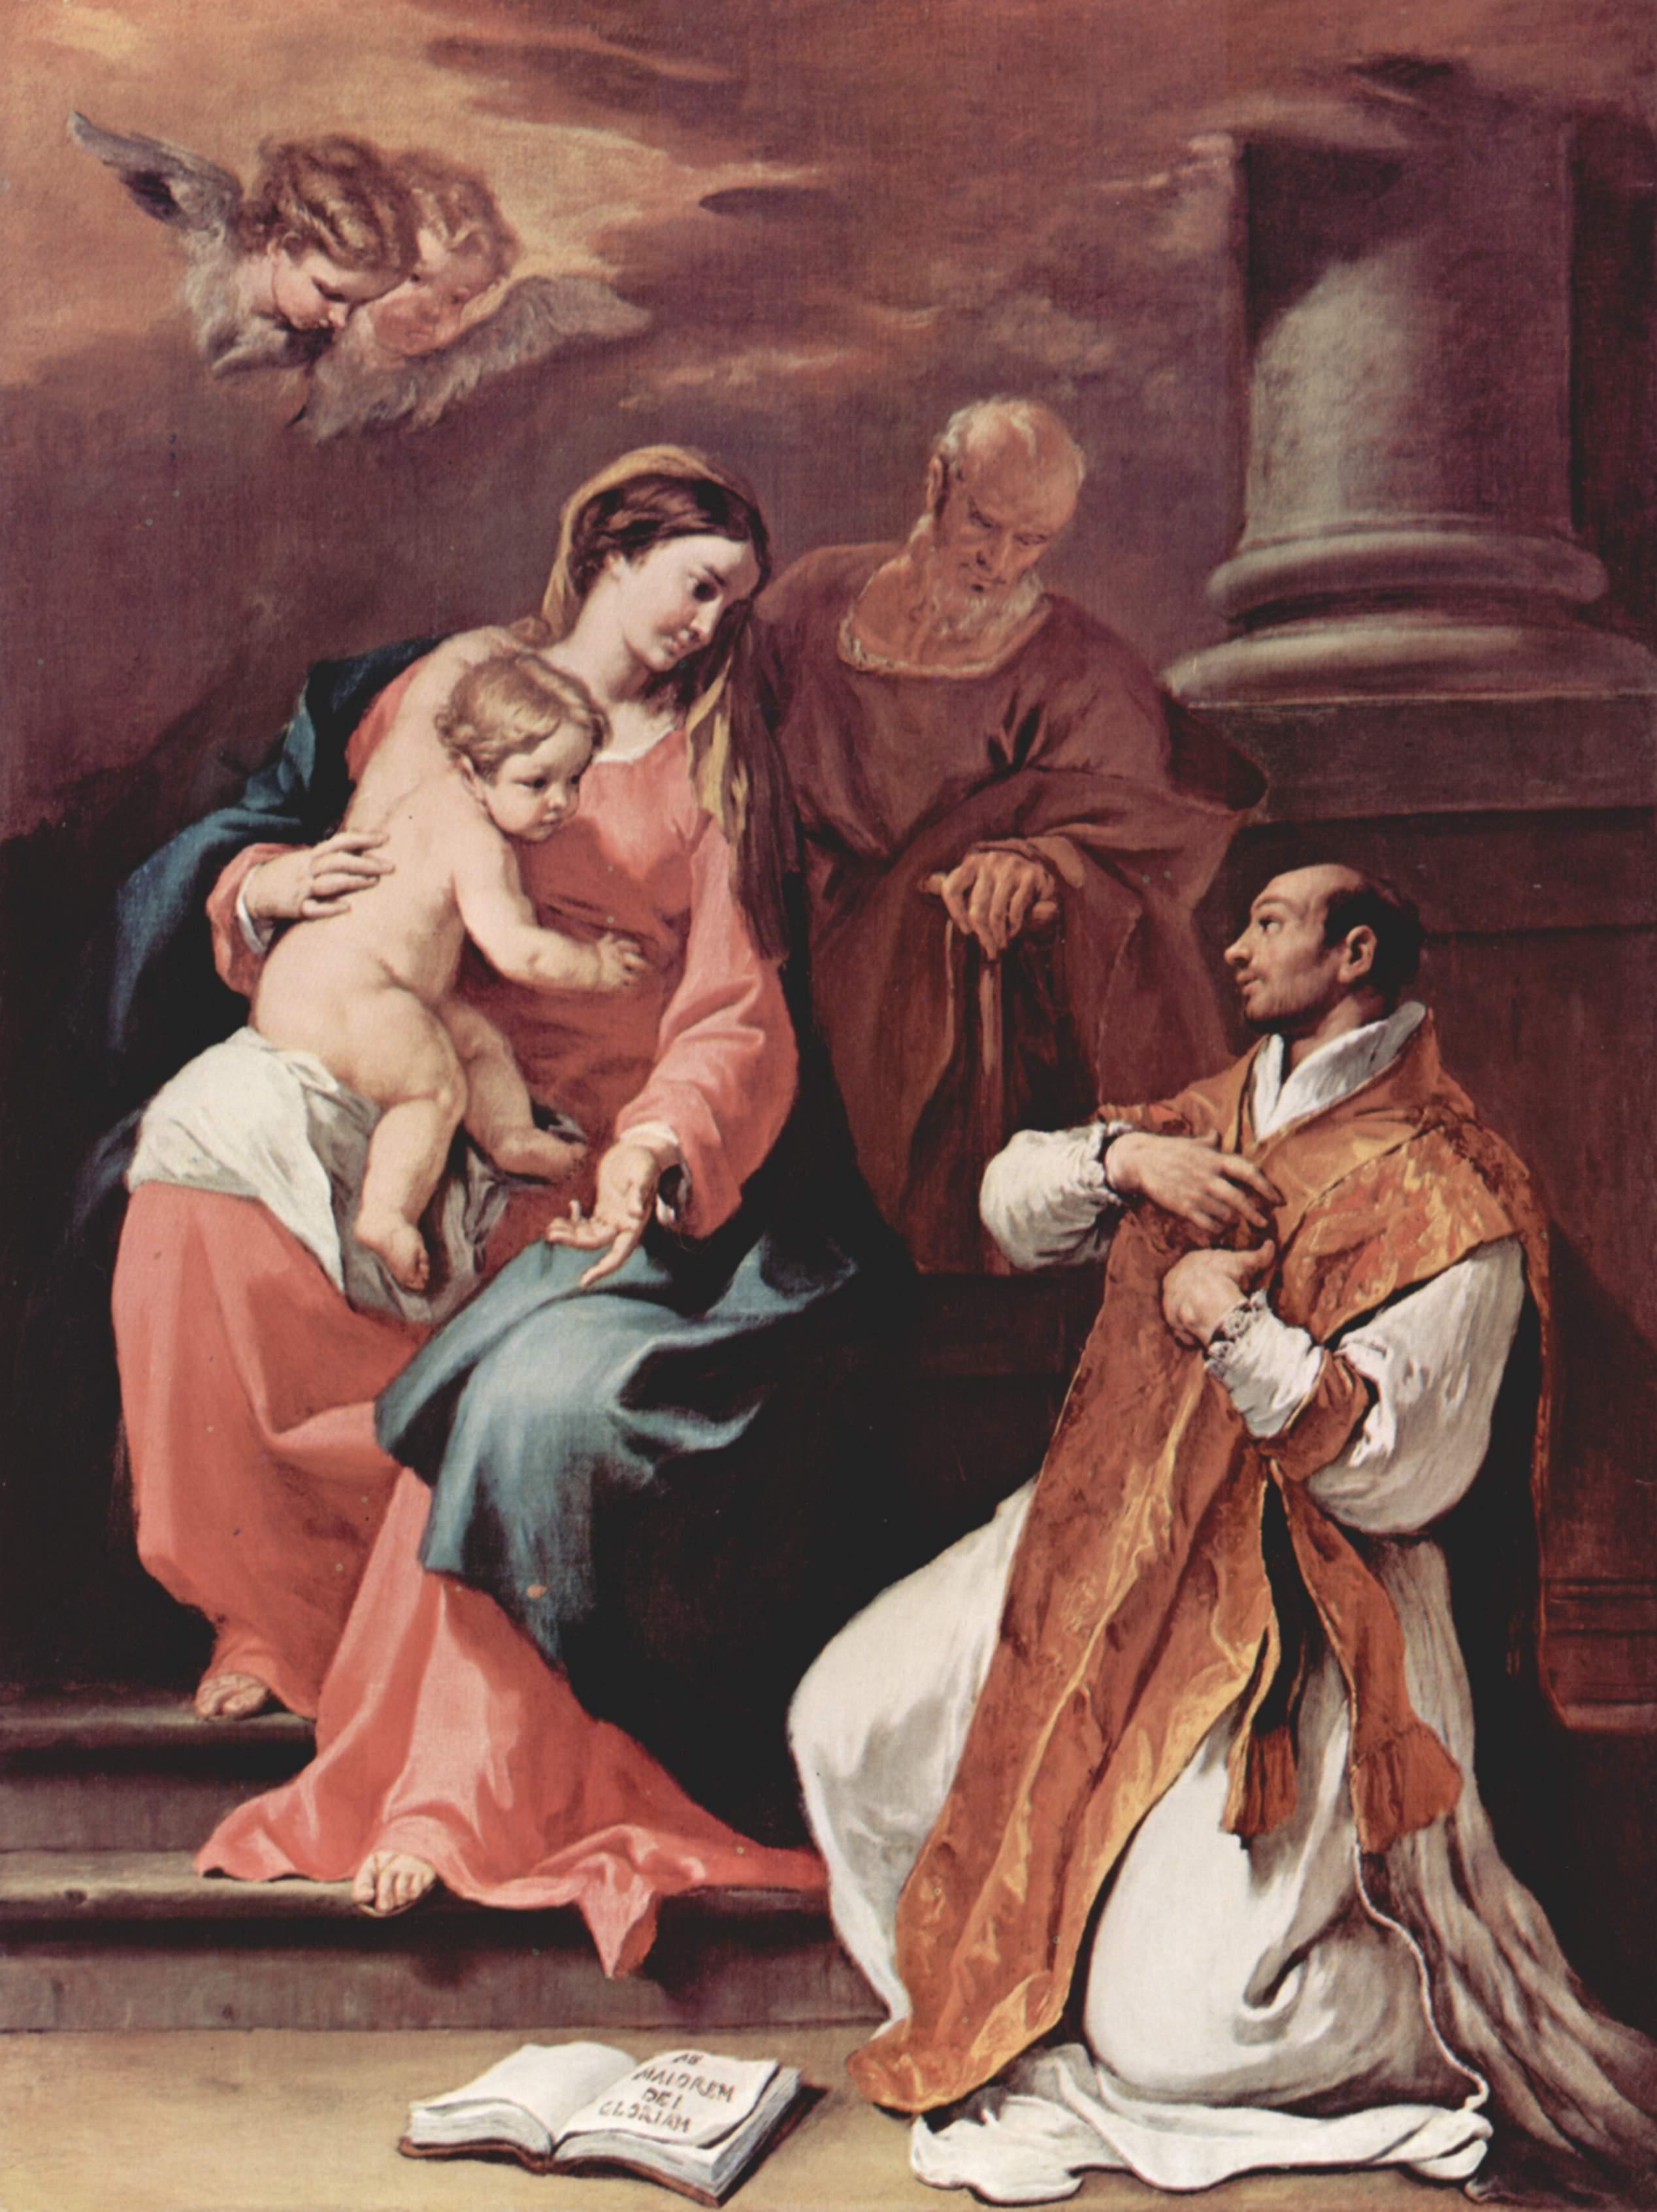 Sant' Ignazio di Loyola  dans immagini sacre sebastiano_ricci_038_obnp2009-y08414